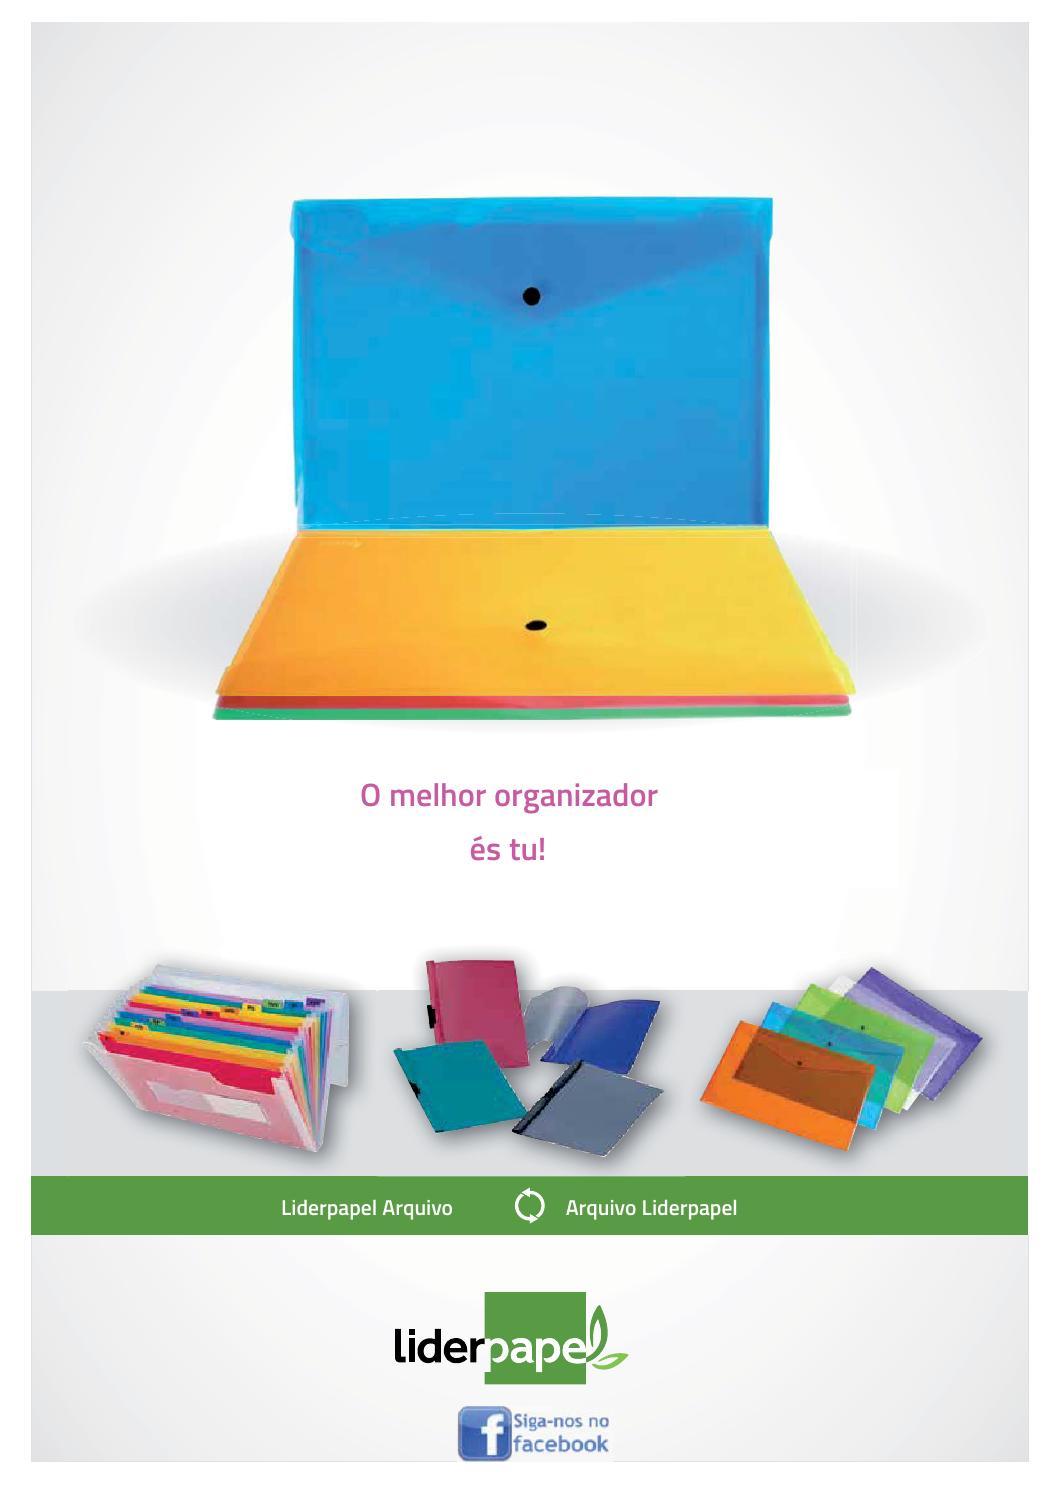 b4c84afc91f Catálogo geral escritório 2016 parte 2 by Impress T - issuu